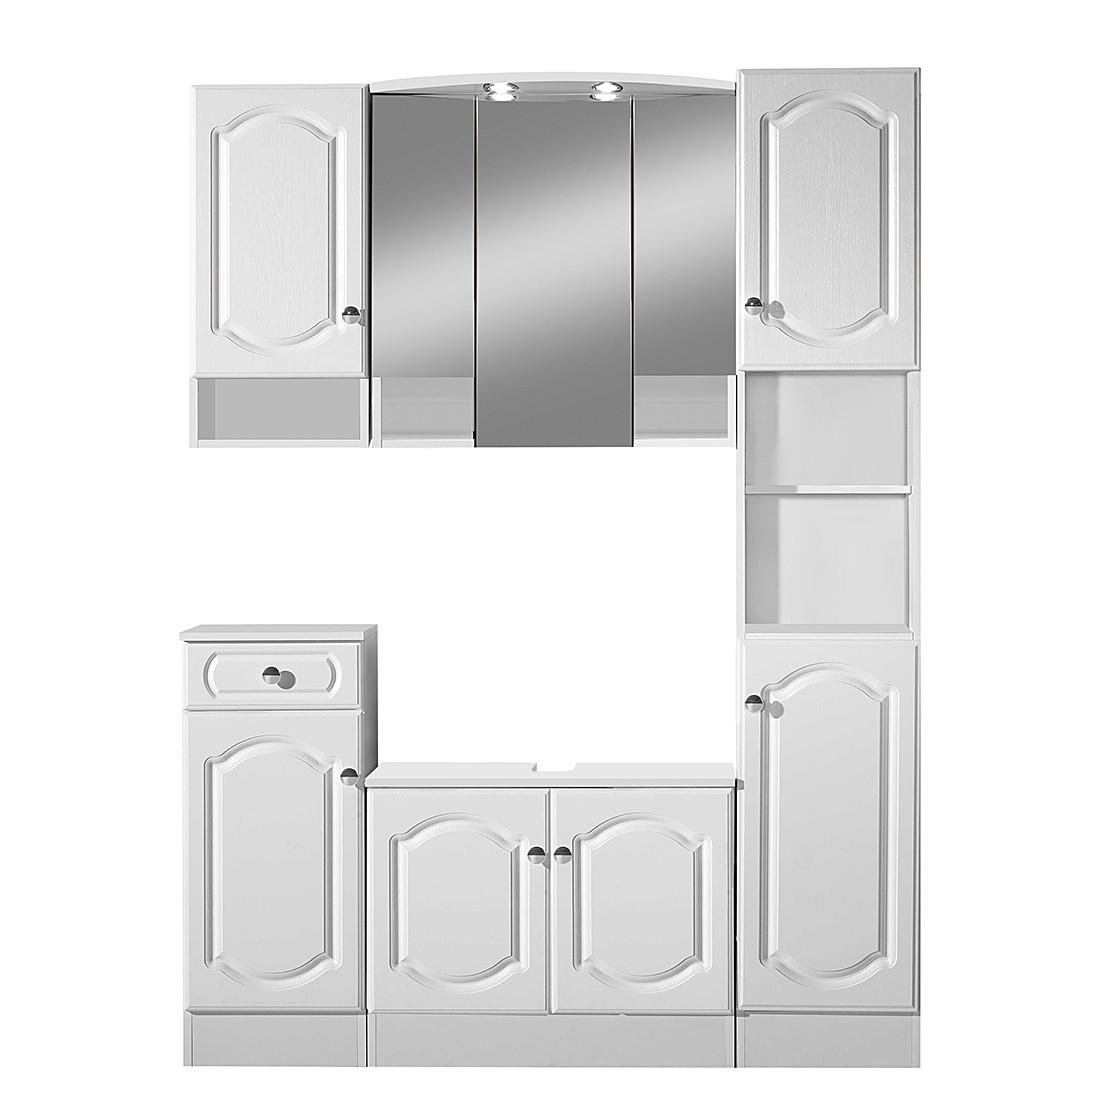 badezimmerset alesund wei 5er set. Black Bedroom Furniture Sets. Home Design Ideas